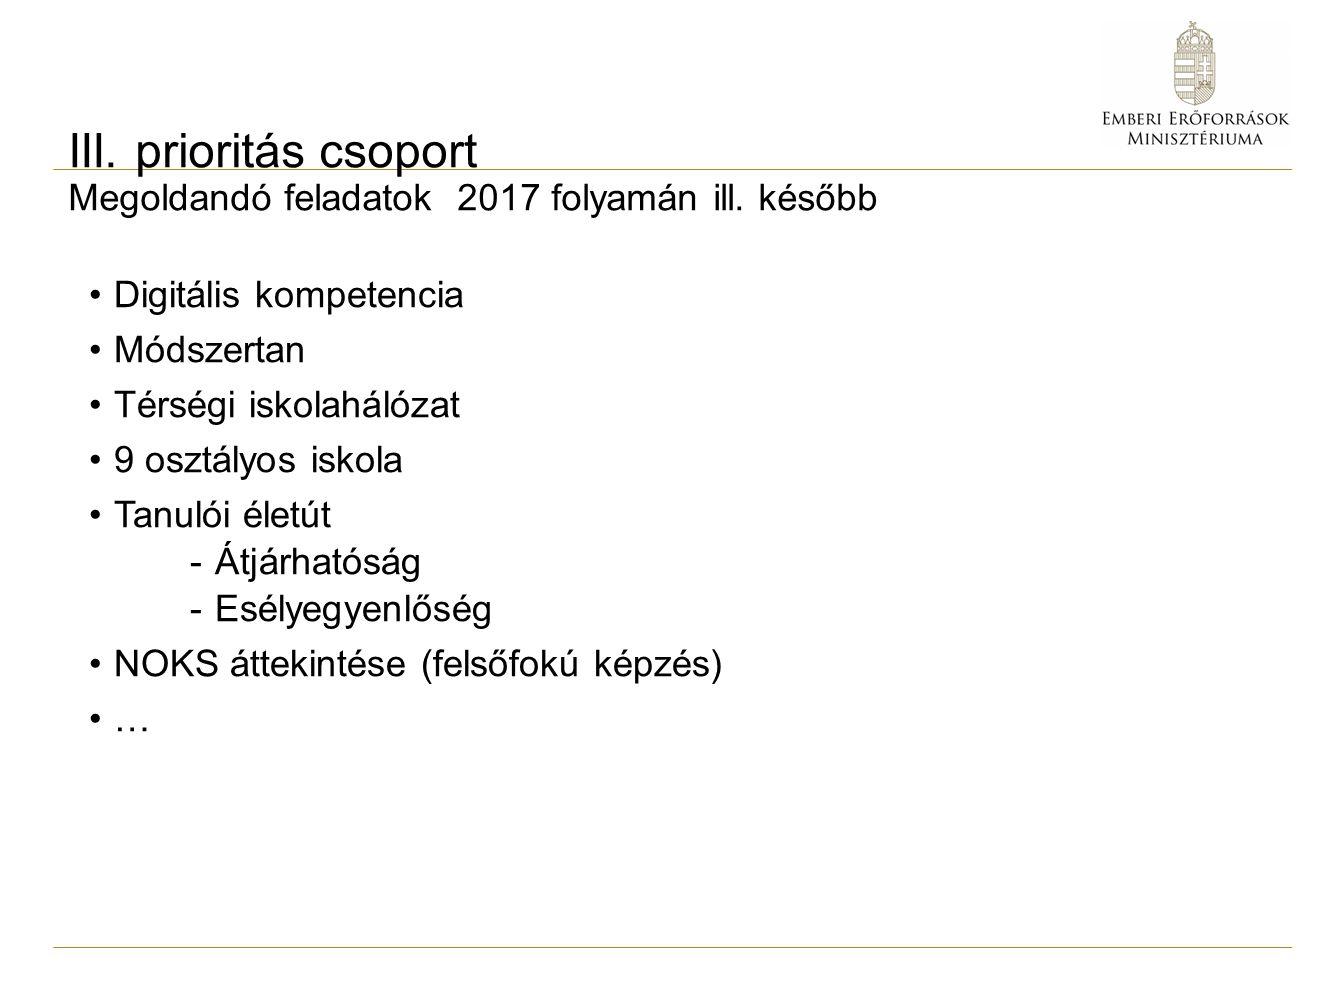 III. prioritás csoport Megoldandó feladatok 2017 folyamán ill. később Digitális kompetencia Módszertan Térségi iskolahálózat 9 osztályos iskola Tanuló